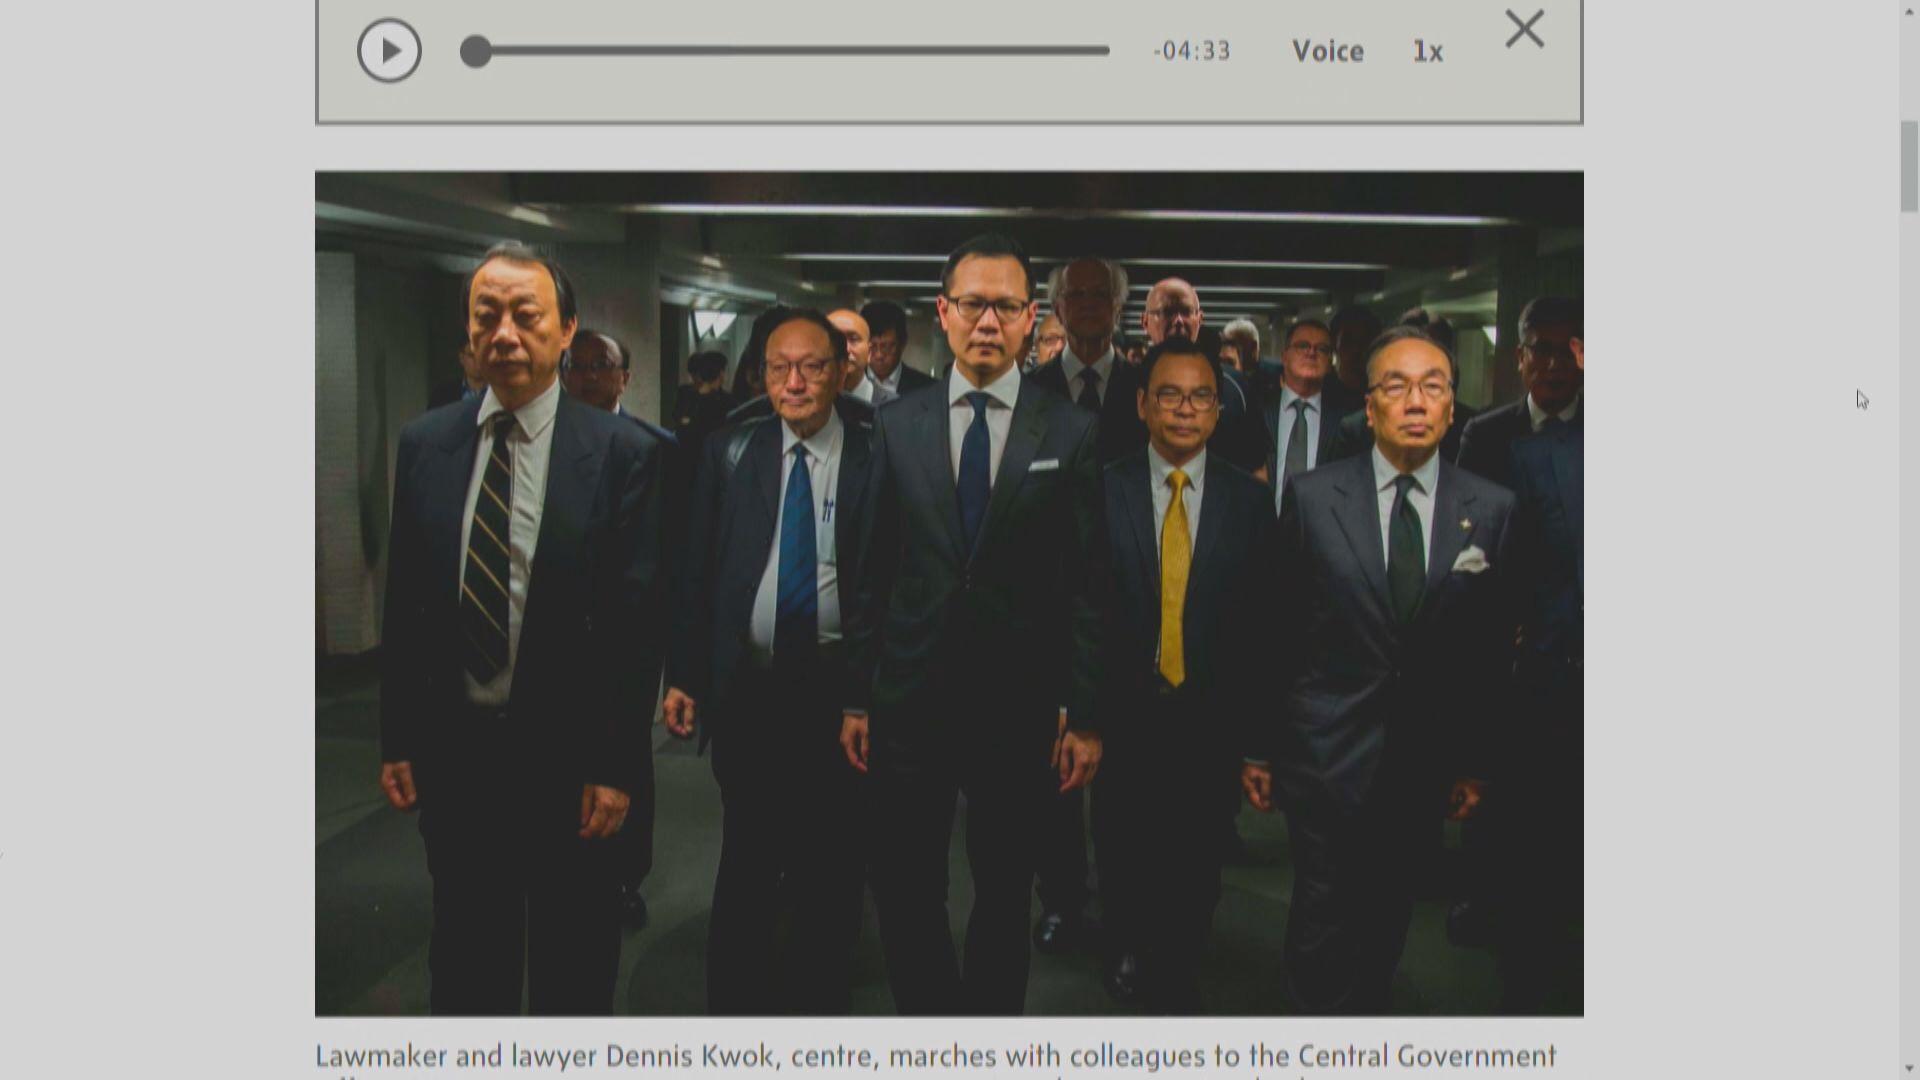 加拿大傳媒指郭榮鏗正尋求取回公民身分